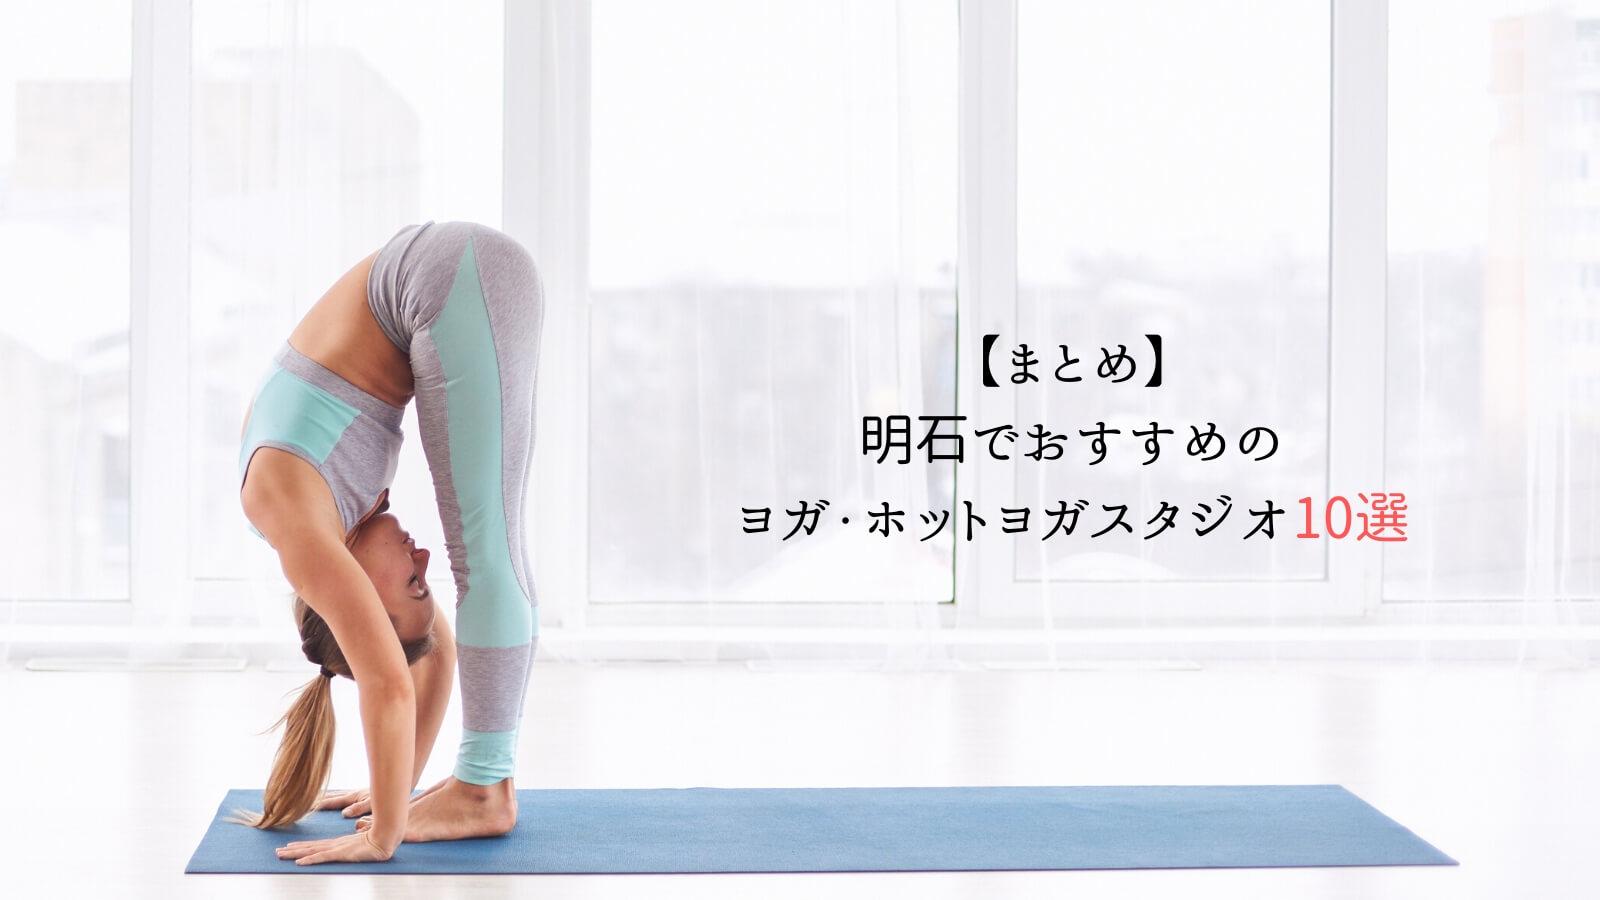 【まとめ】明石でおすすめのヨガ・ホットヨガスタジオ10選